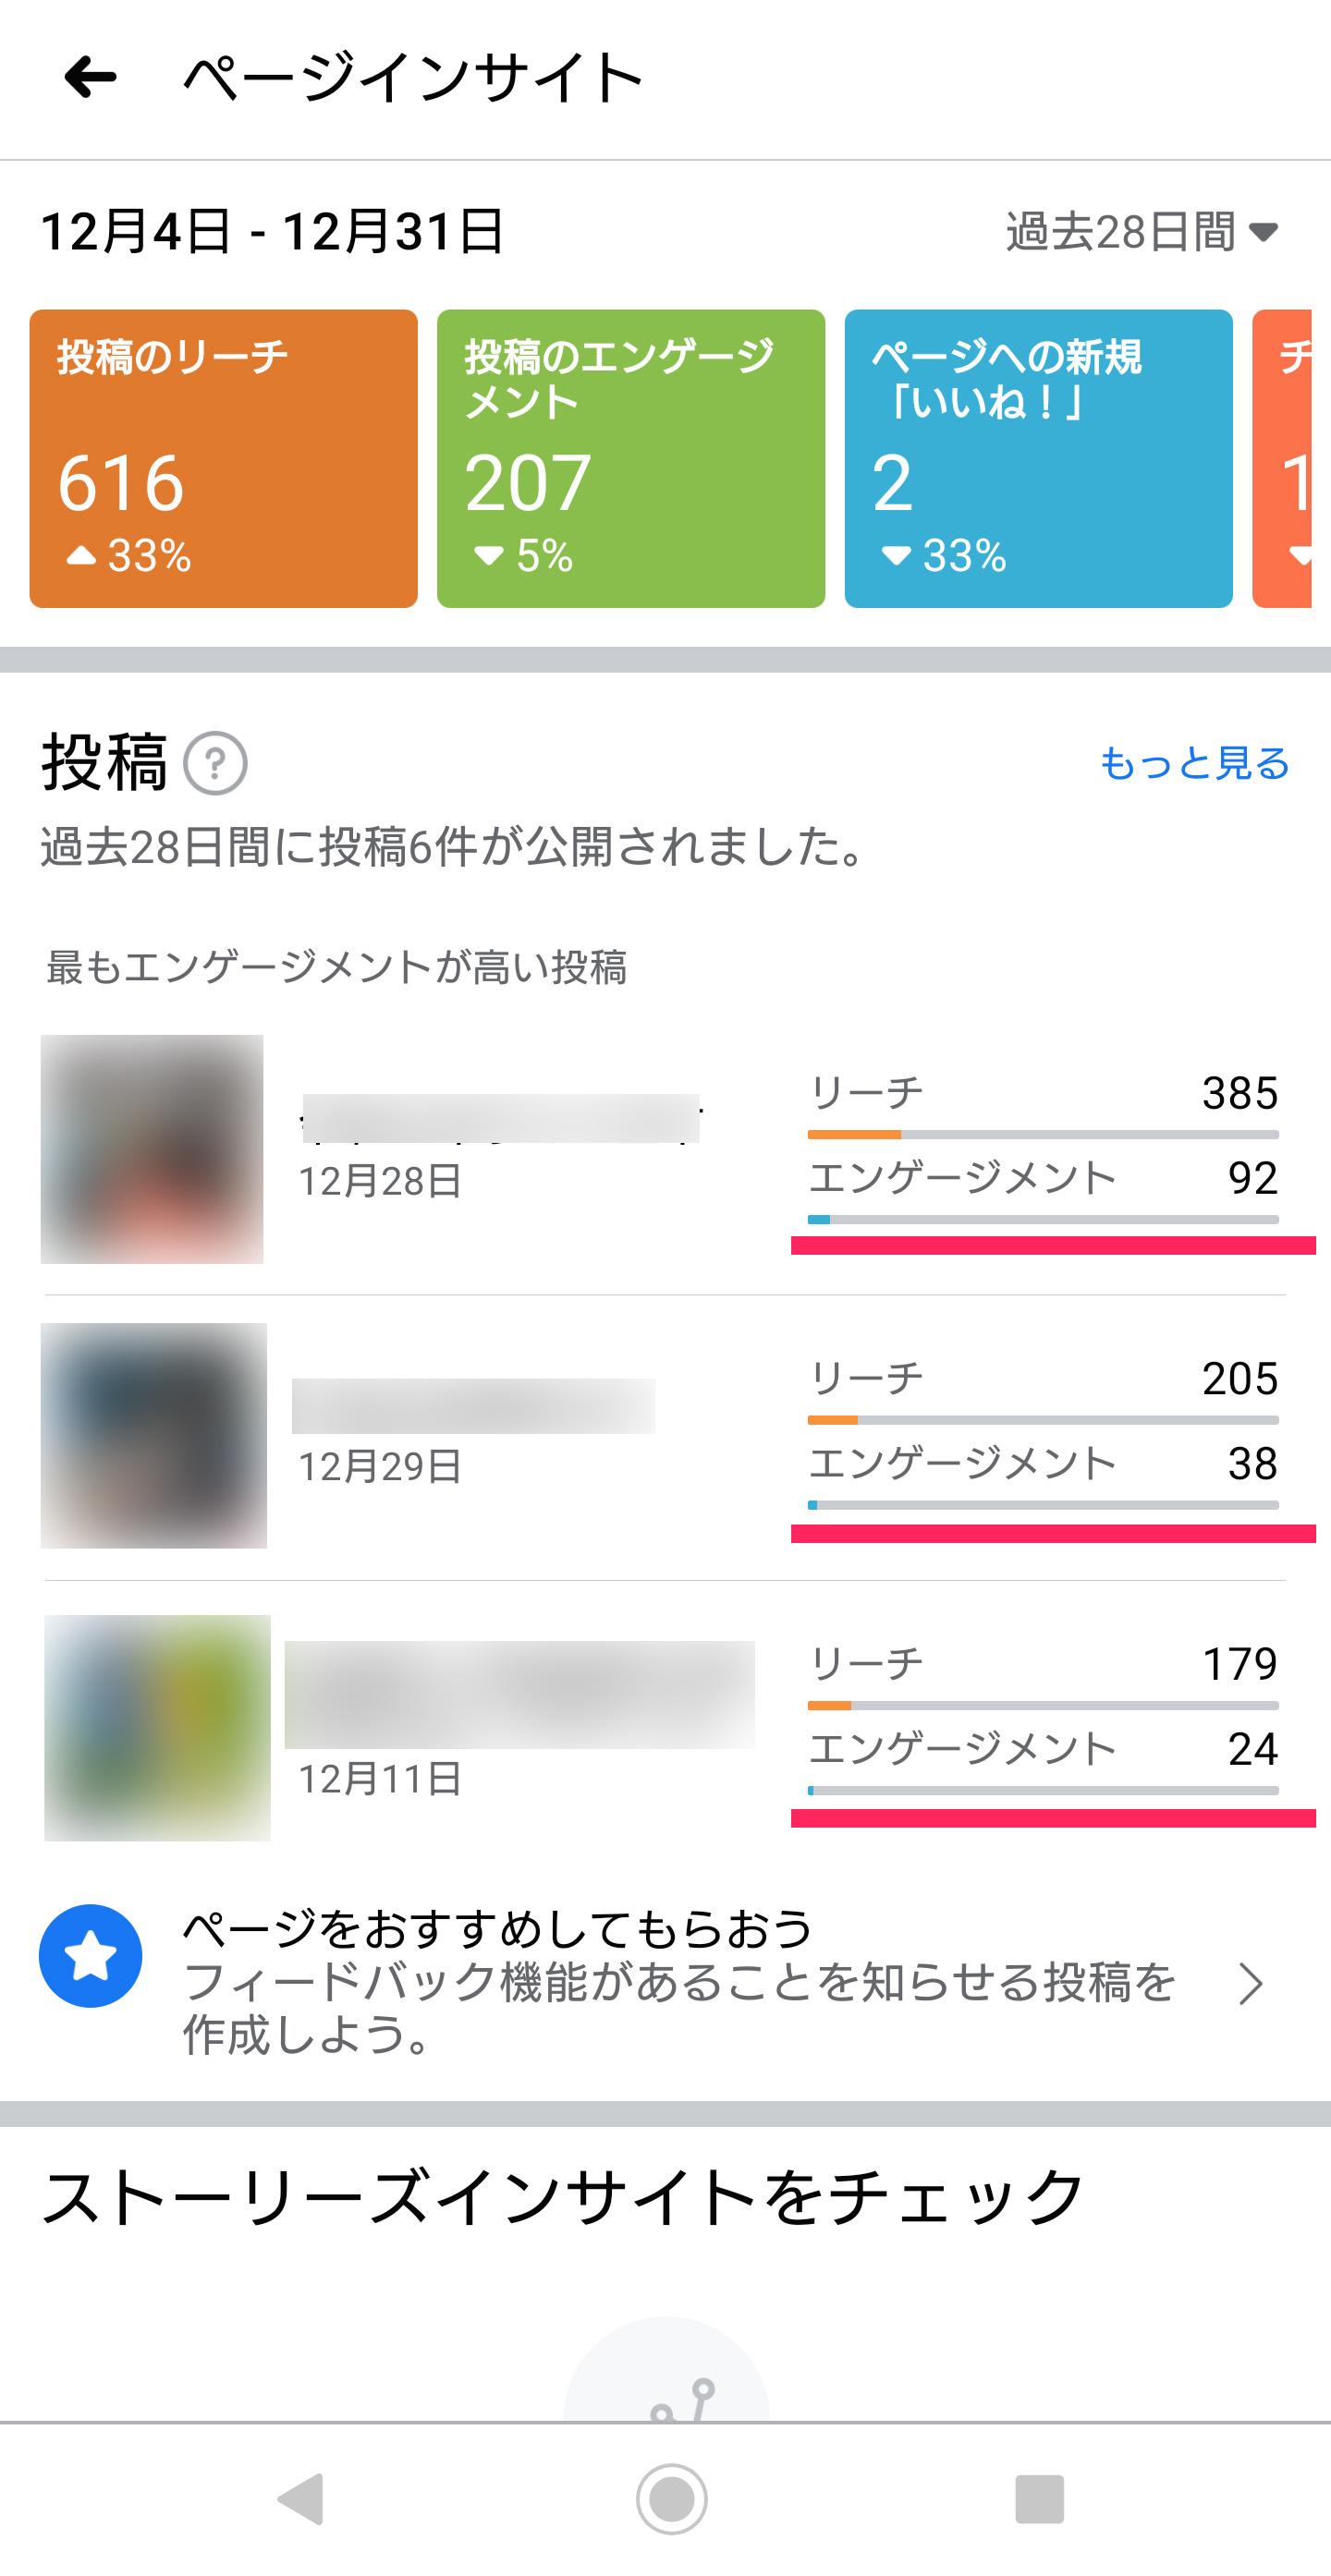 スマホでFacebookのエンゲージメント確認する方法